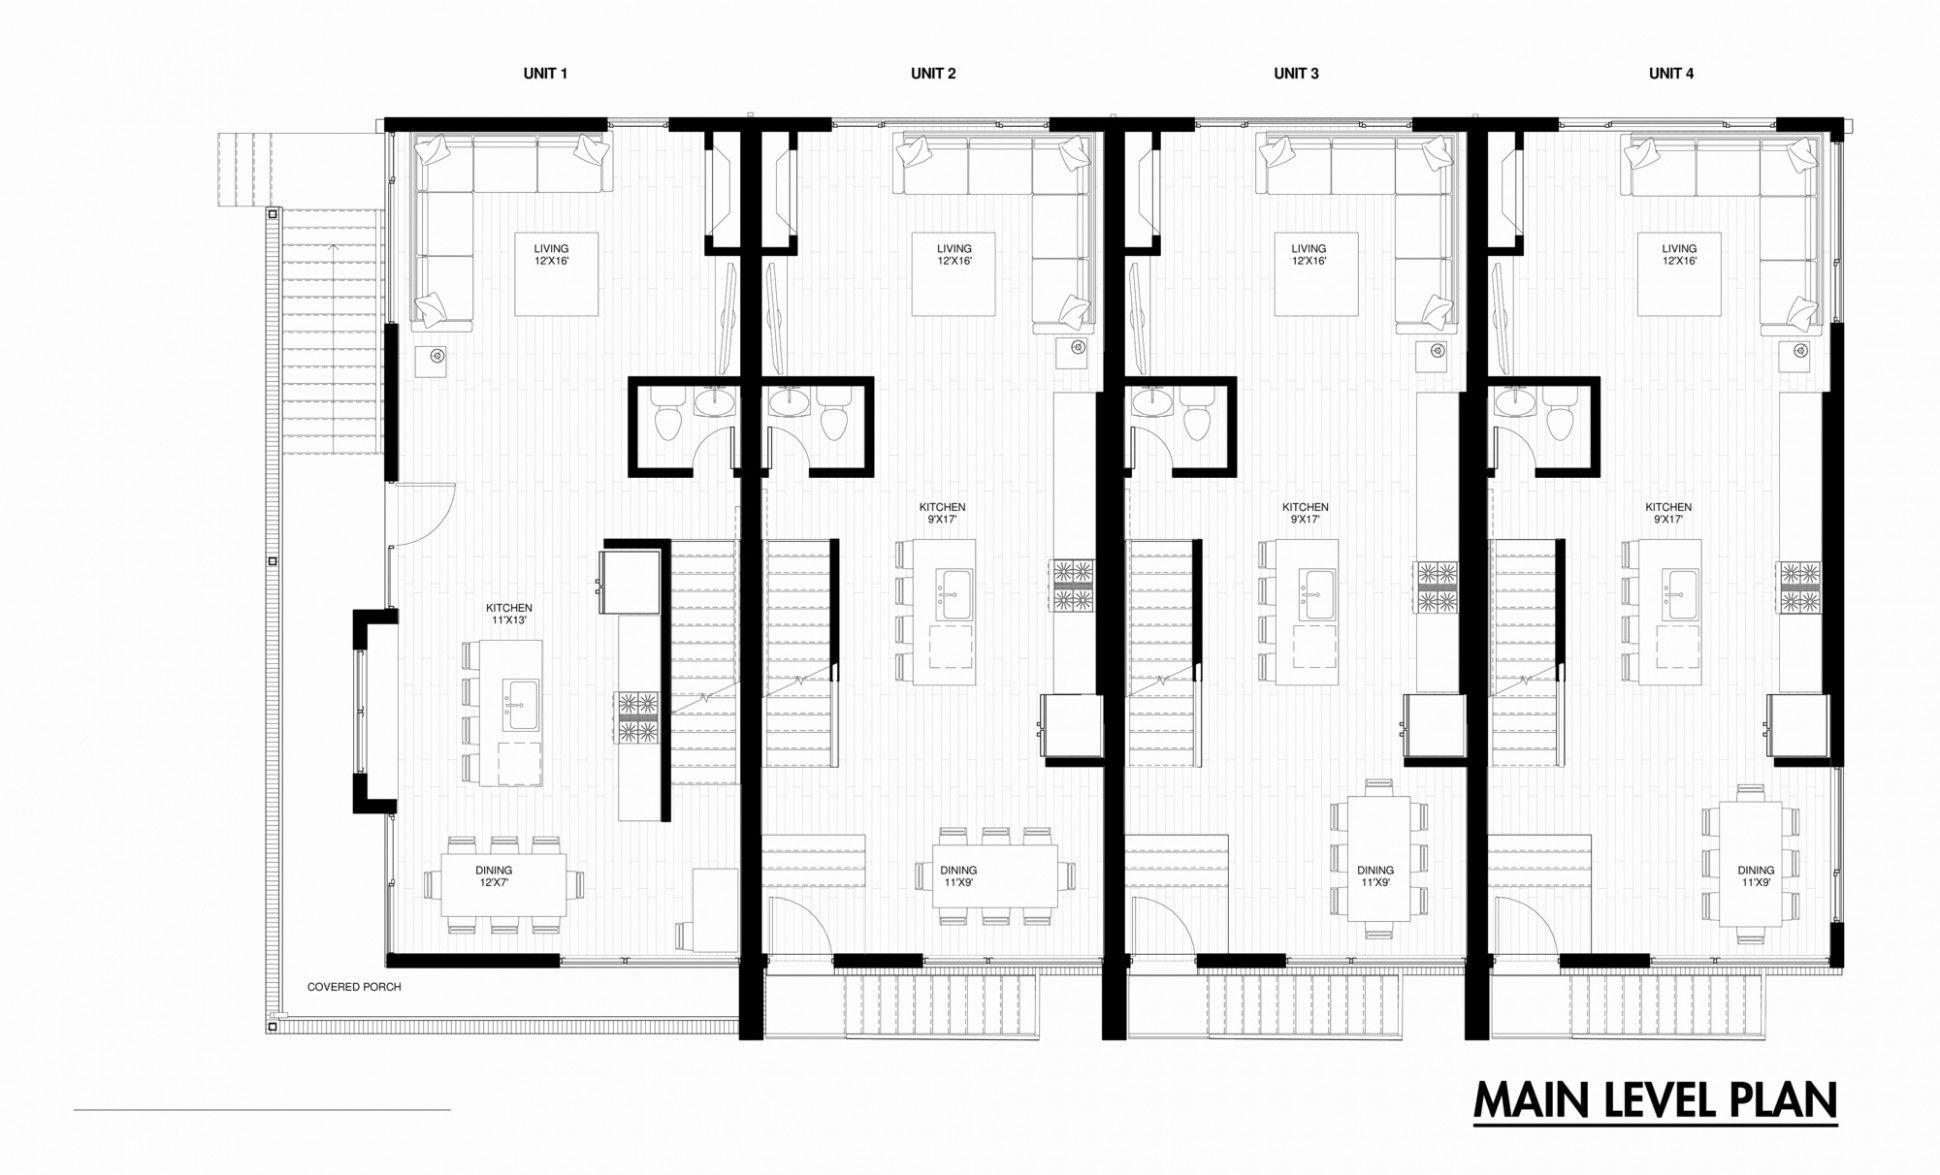 Row House Floor Plan Design Home Design Floor Plans Row House Design Floor Plan Design